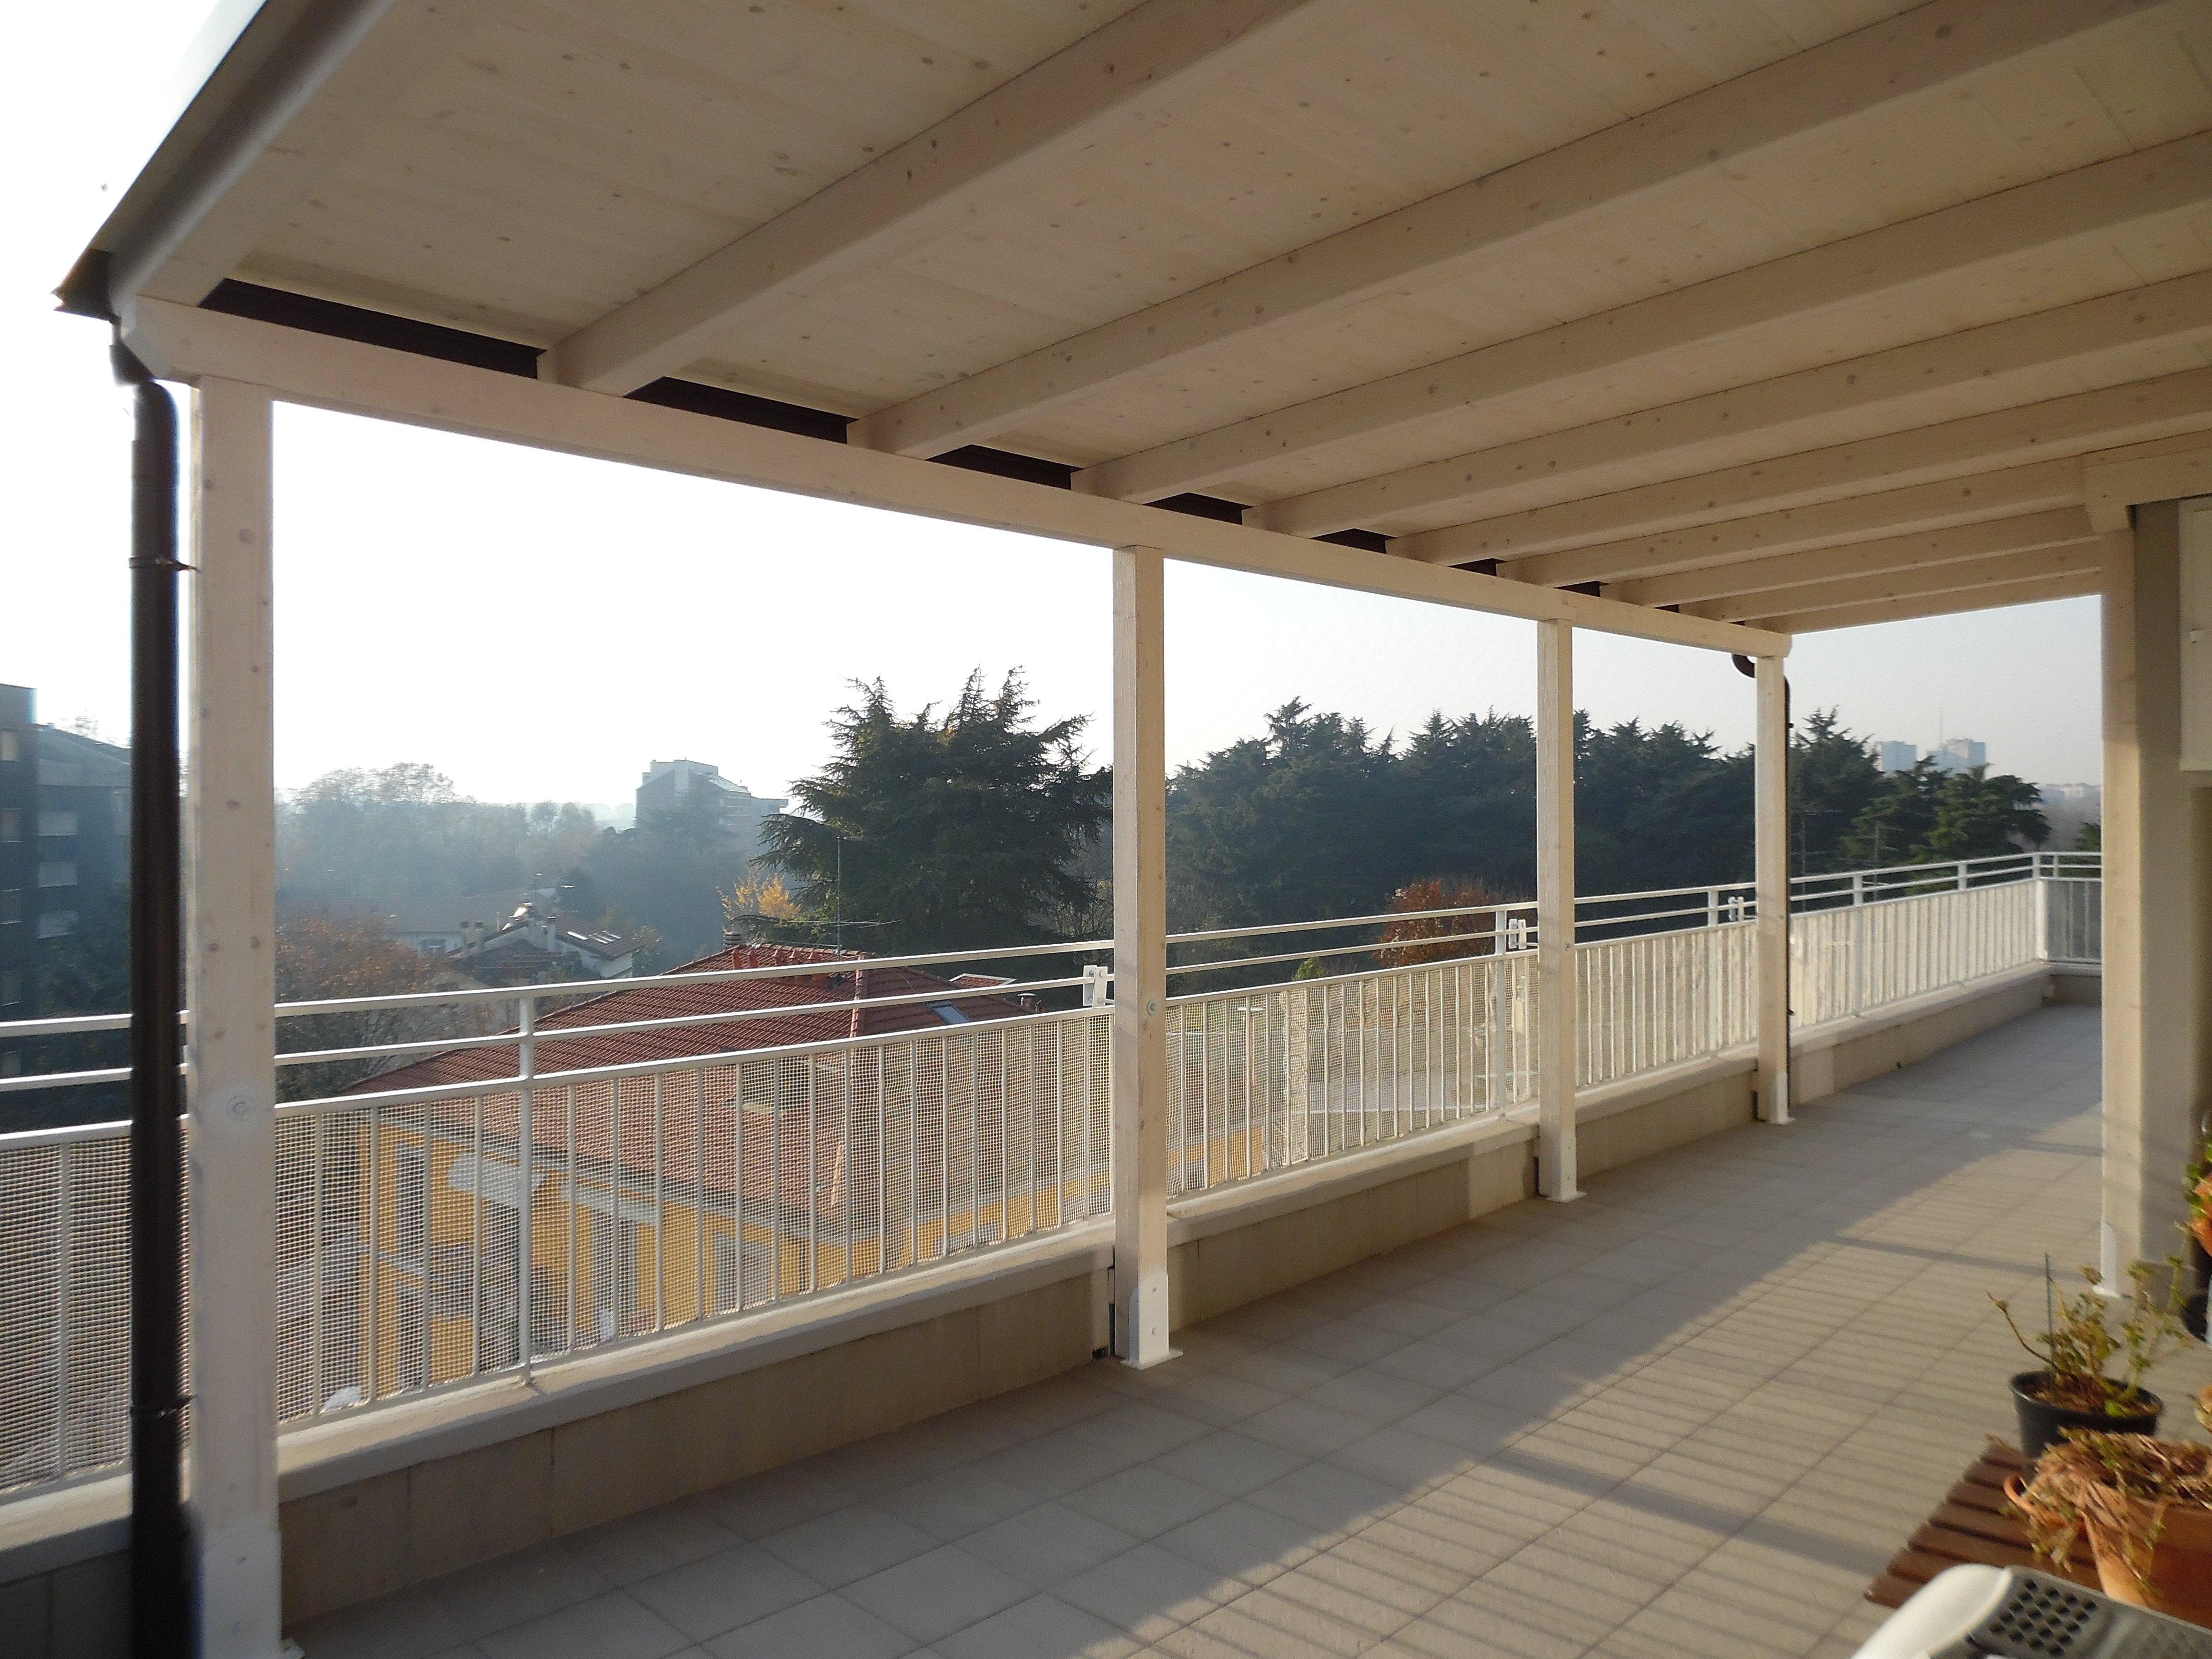 Tettoia in legno per eterno su balcone finitura bianco for Piani tetto veranda protette